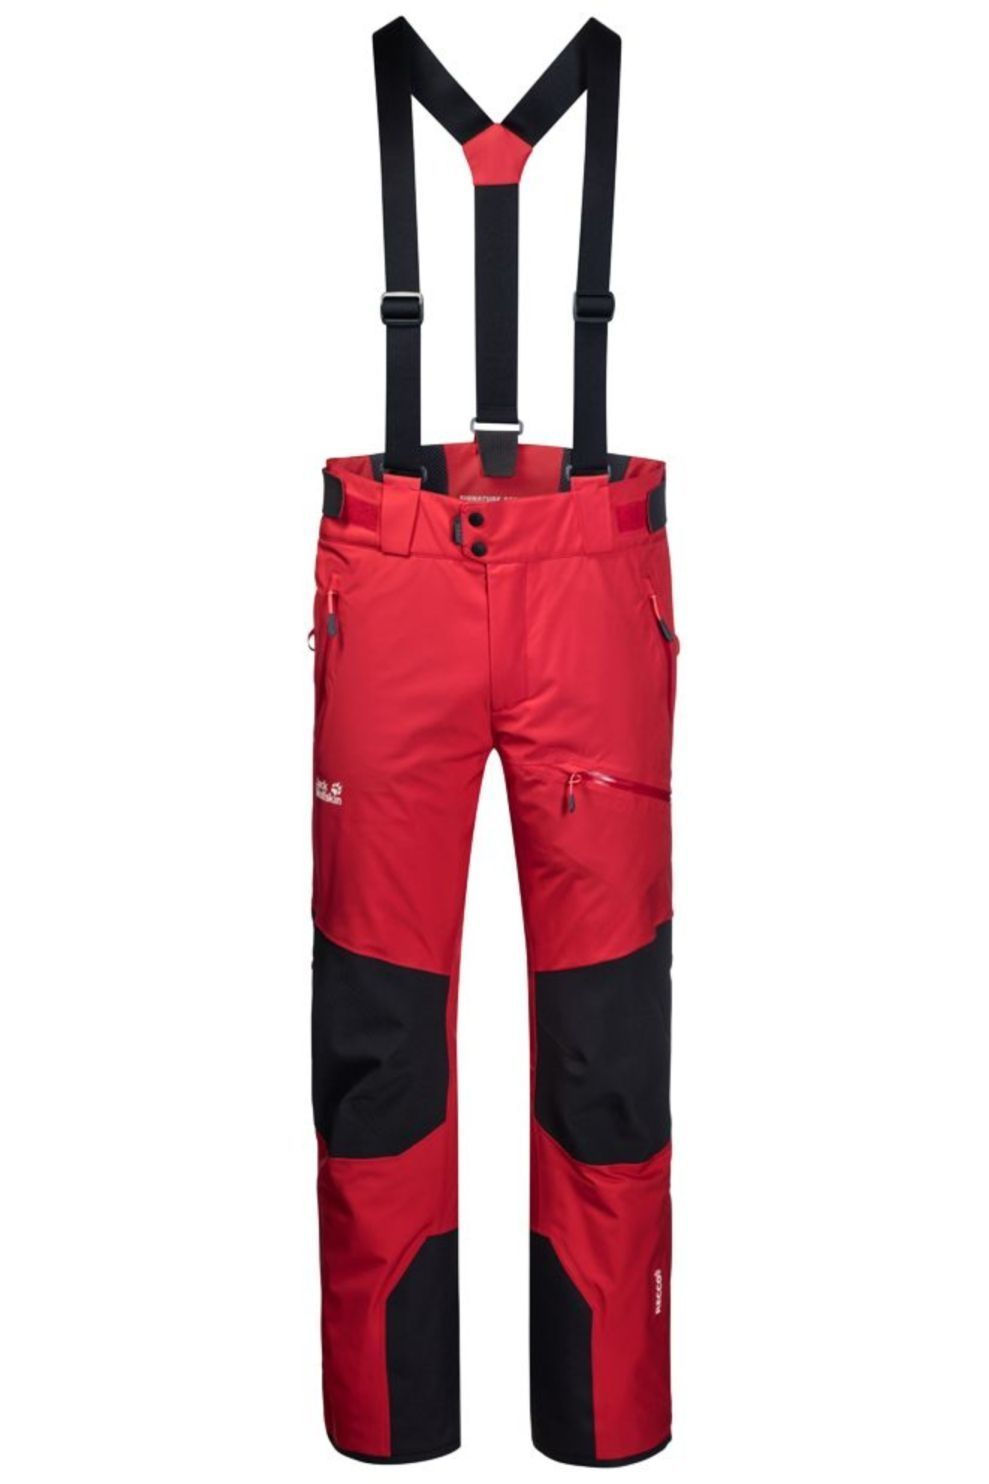 Jack Wolfskin Broek Snow Summit voor heren - Rood - Maten: 48, 50, 54